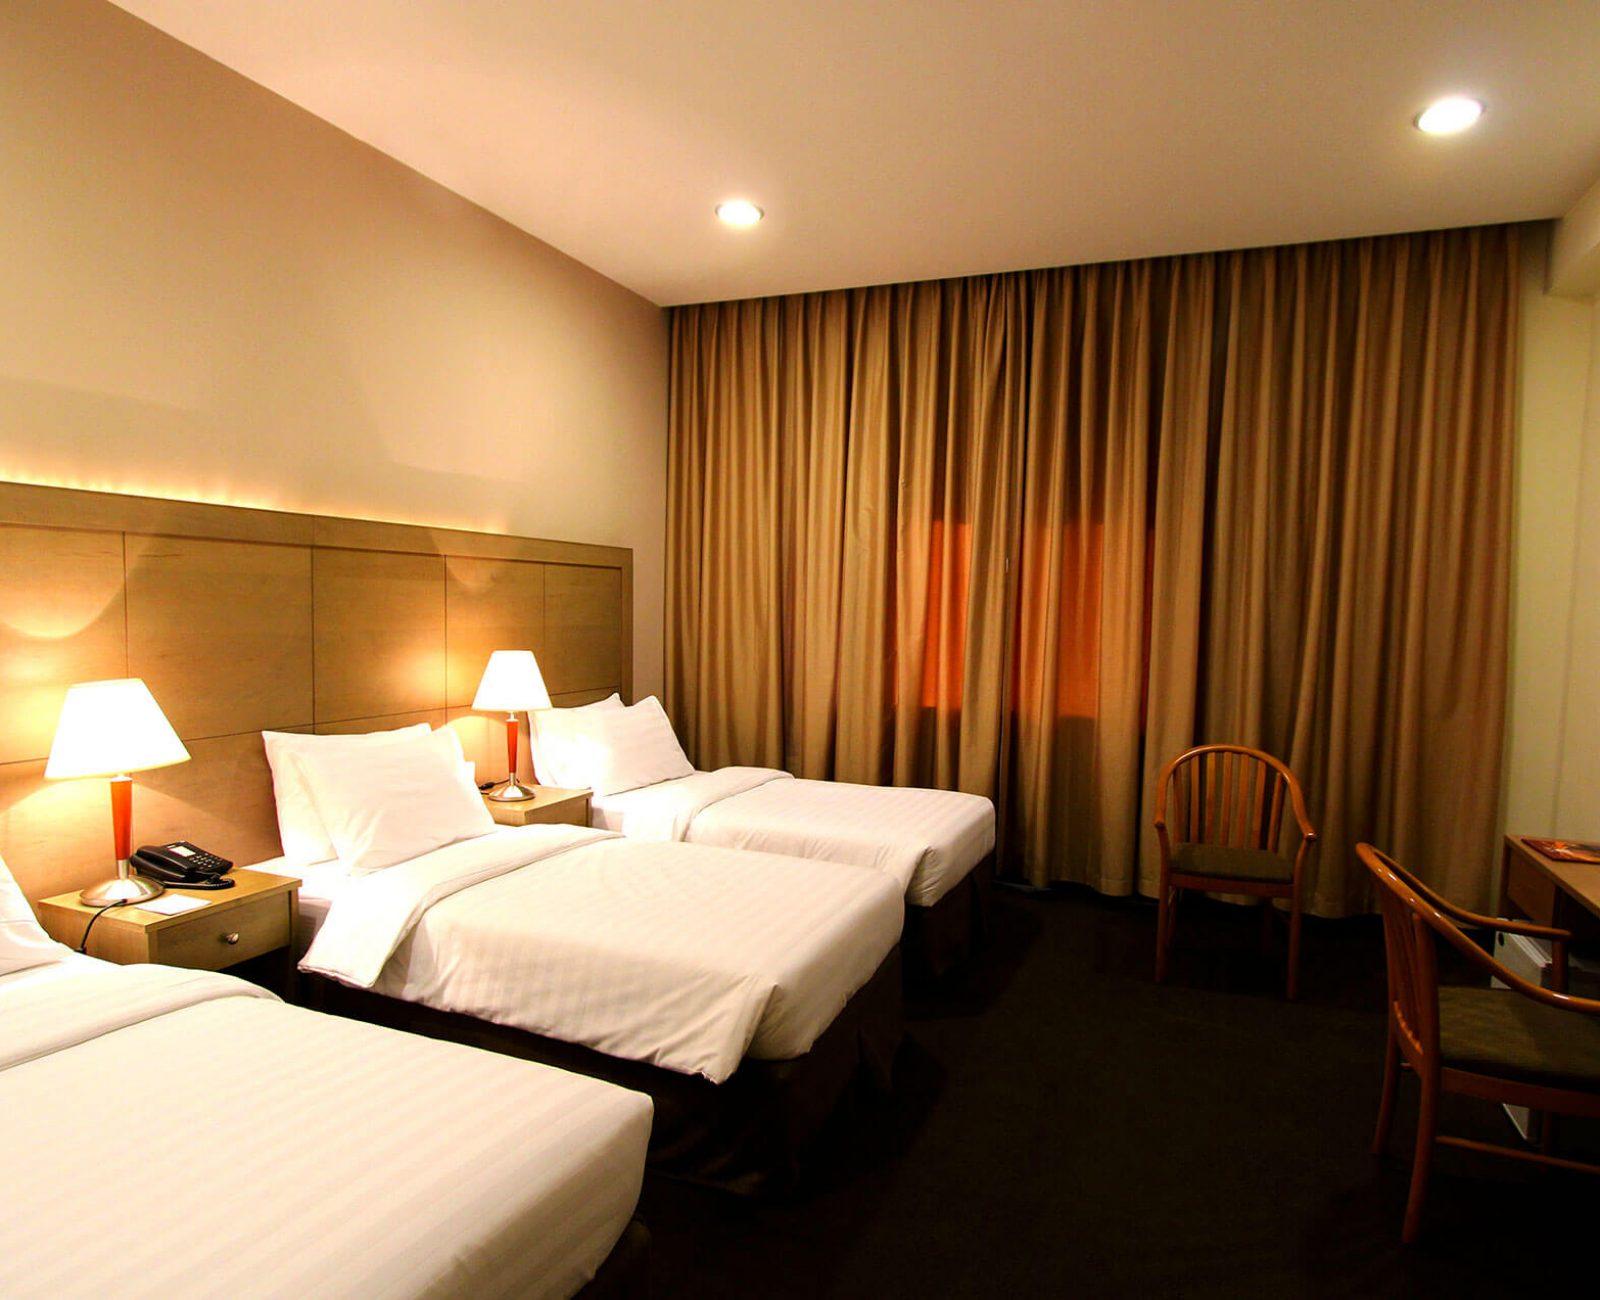 Ritz hotel_Standard Triple Room (7)